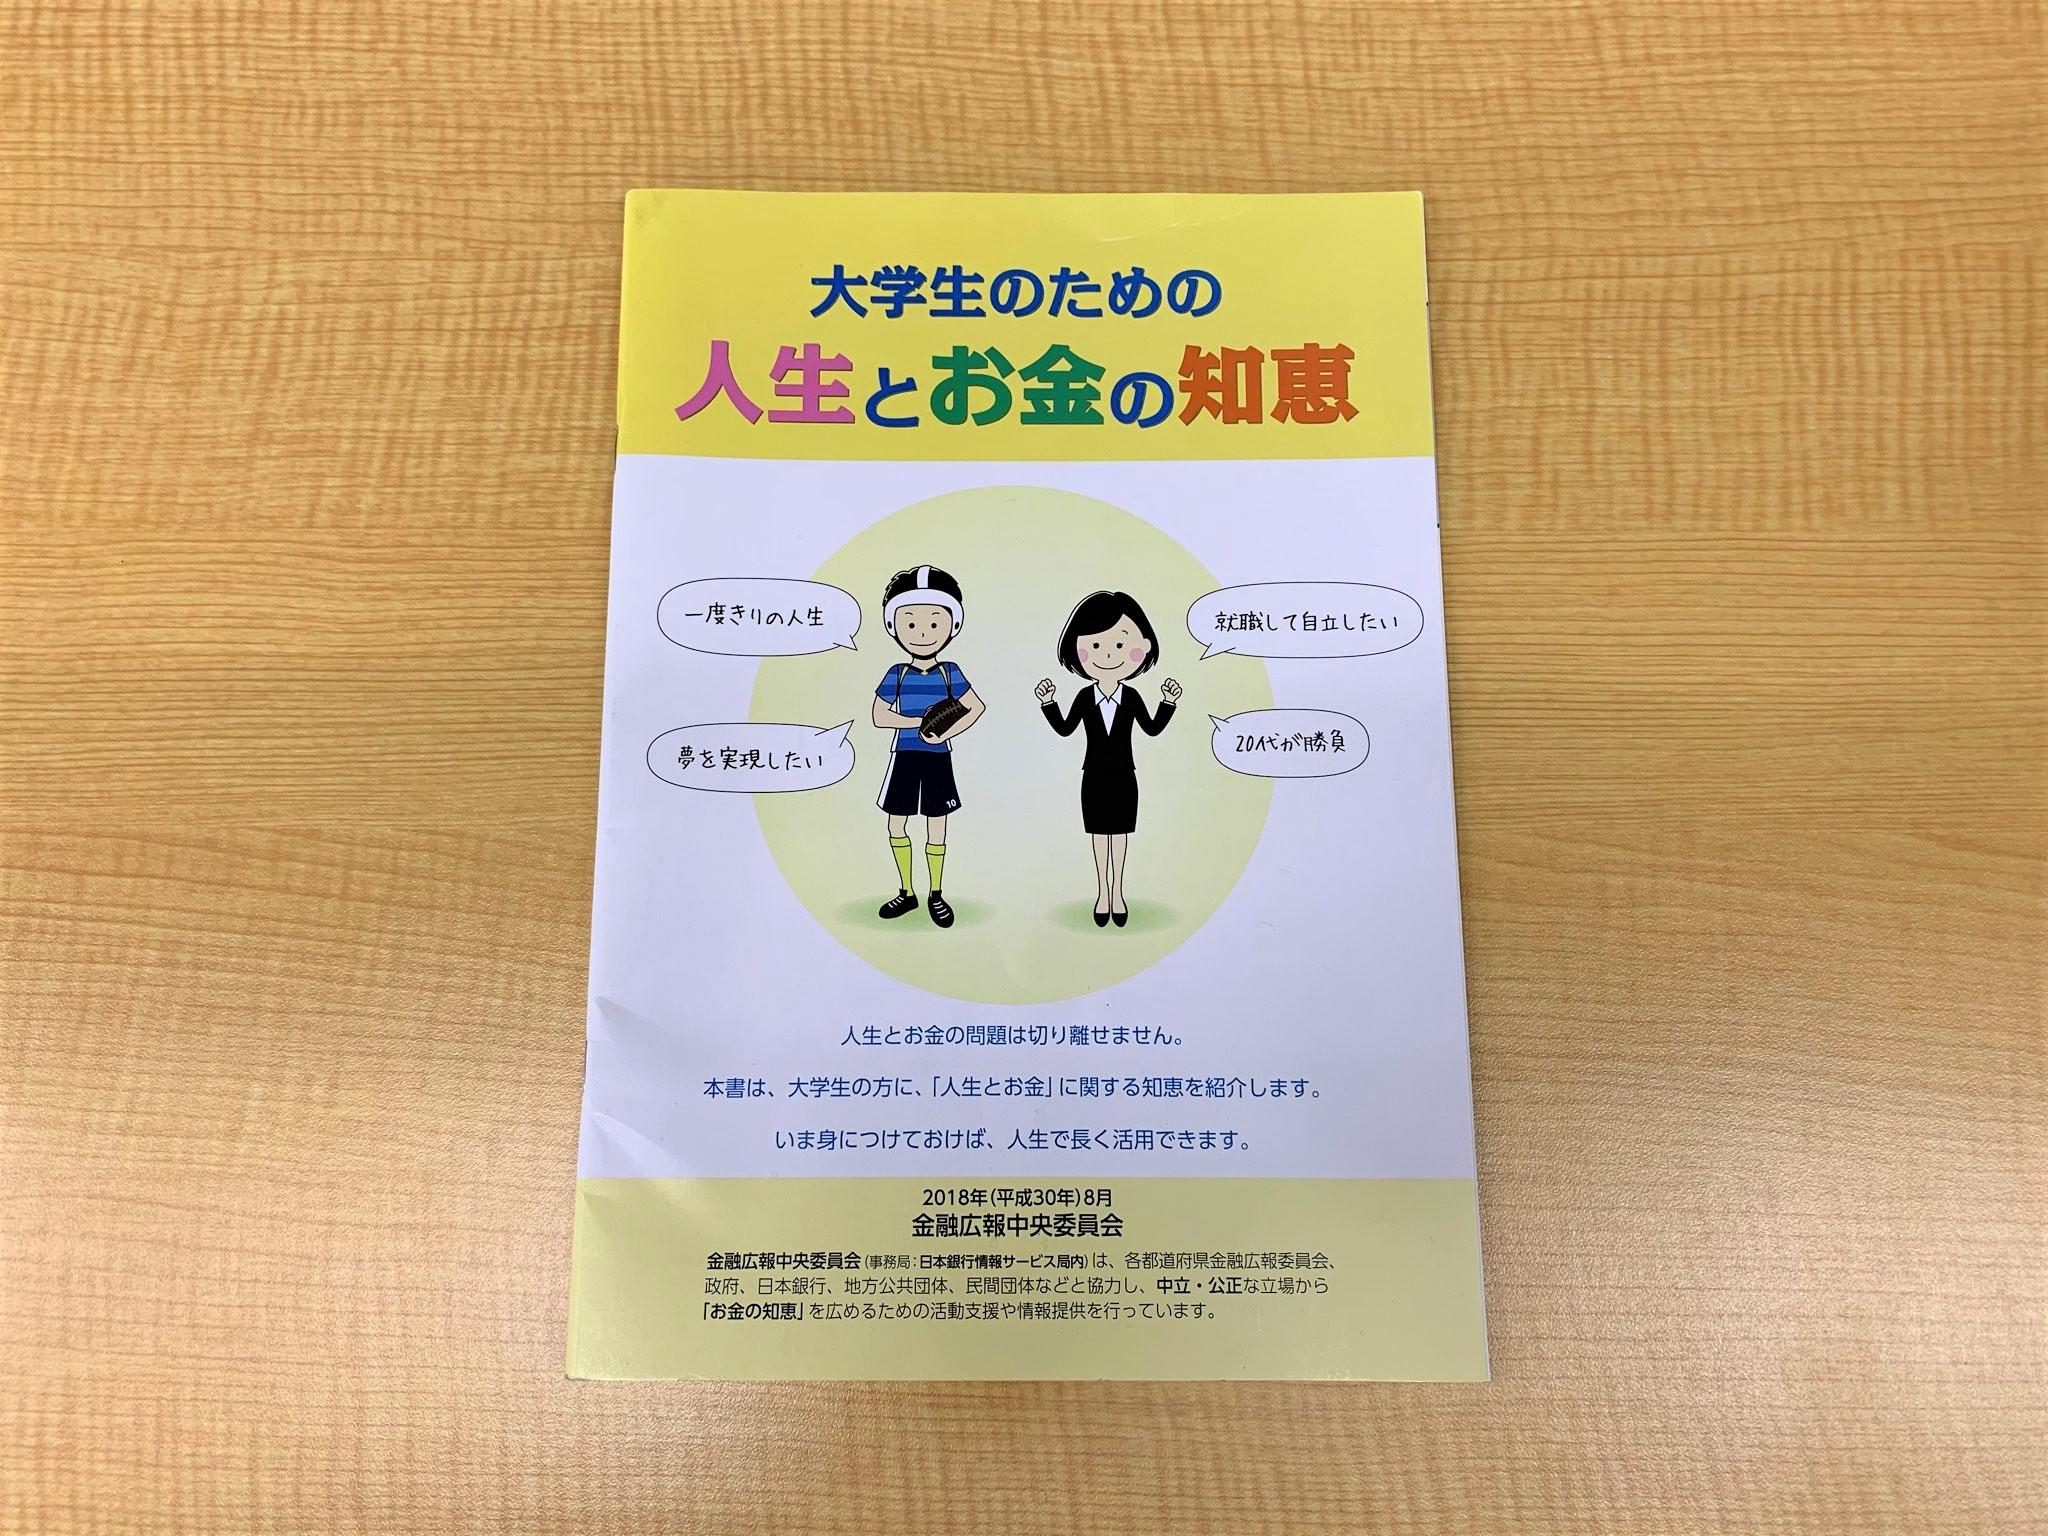 金融広報中央委員会(事務局:日本銀行情報サービス局内)が作成している『大学生のための人生とお金の知恵